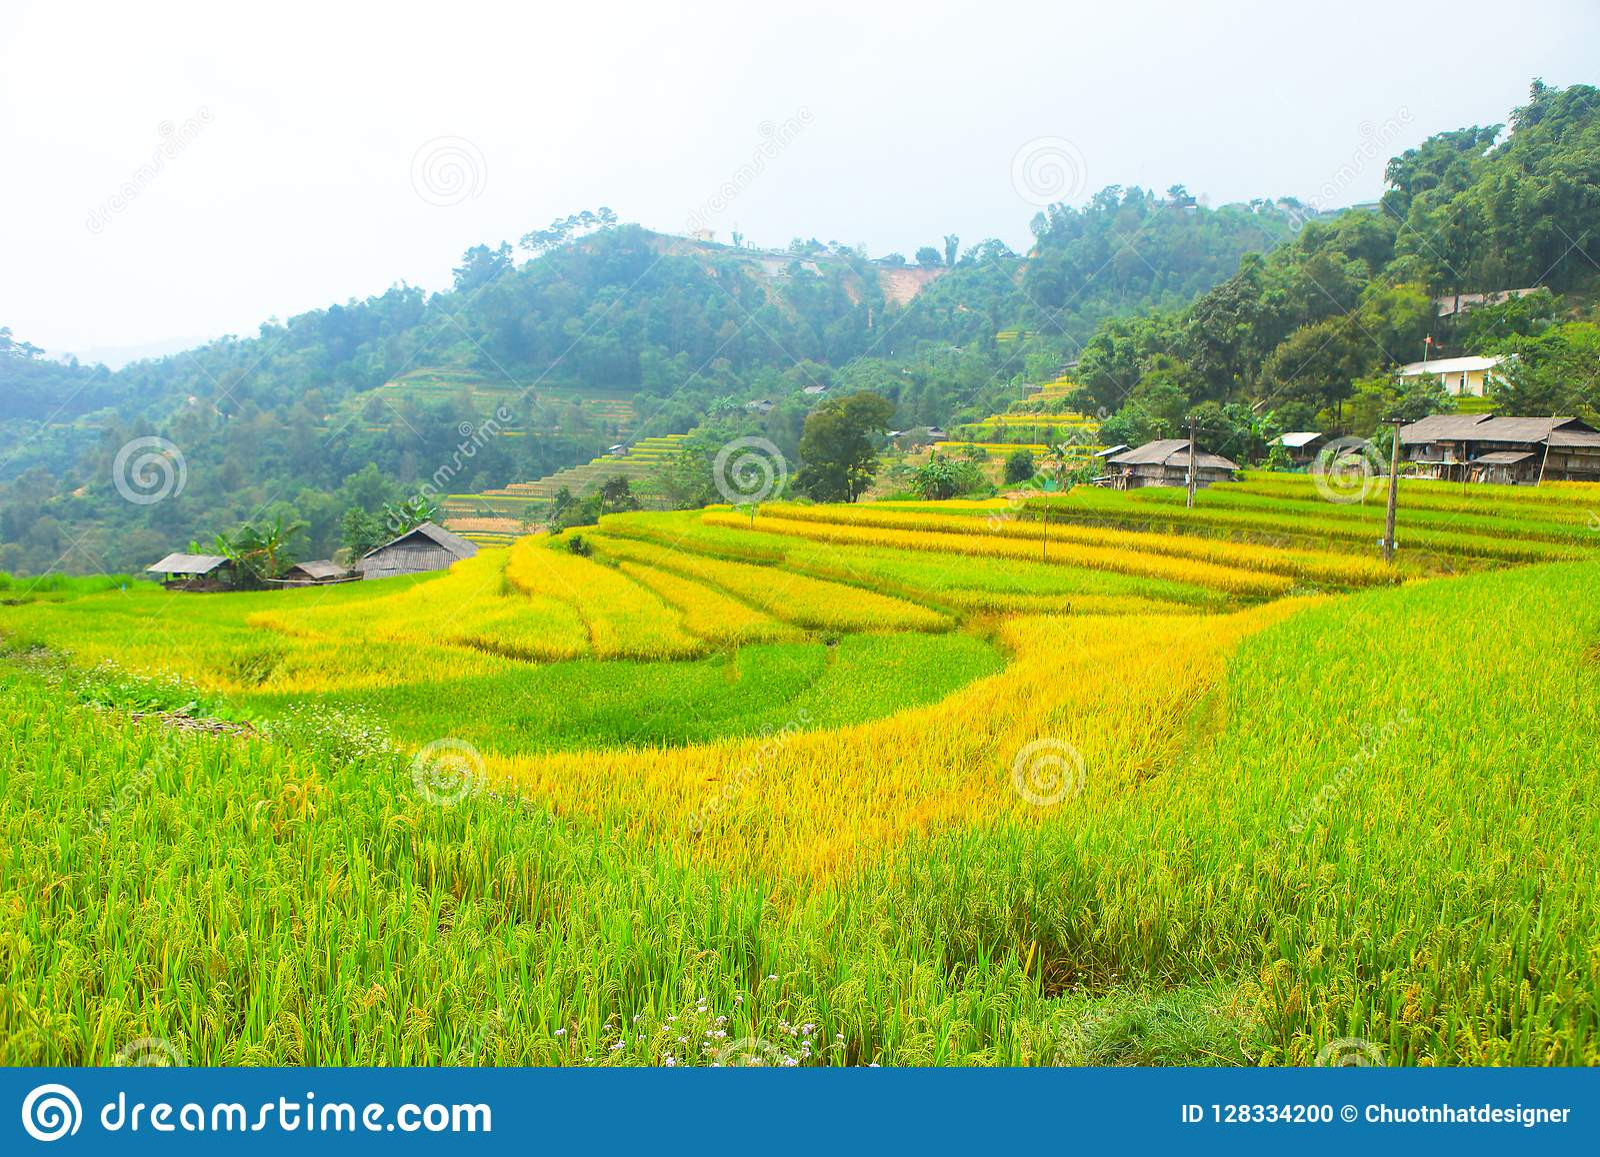 Risaie su a terrazze I campi sono preparati per la piantatura del riso Divieto Phung, Huyen Hoang Su Phi, provincia di Ha Giang I